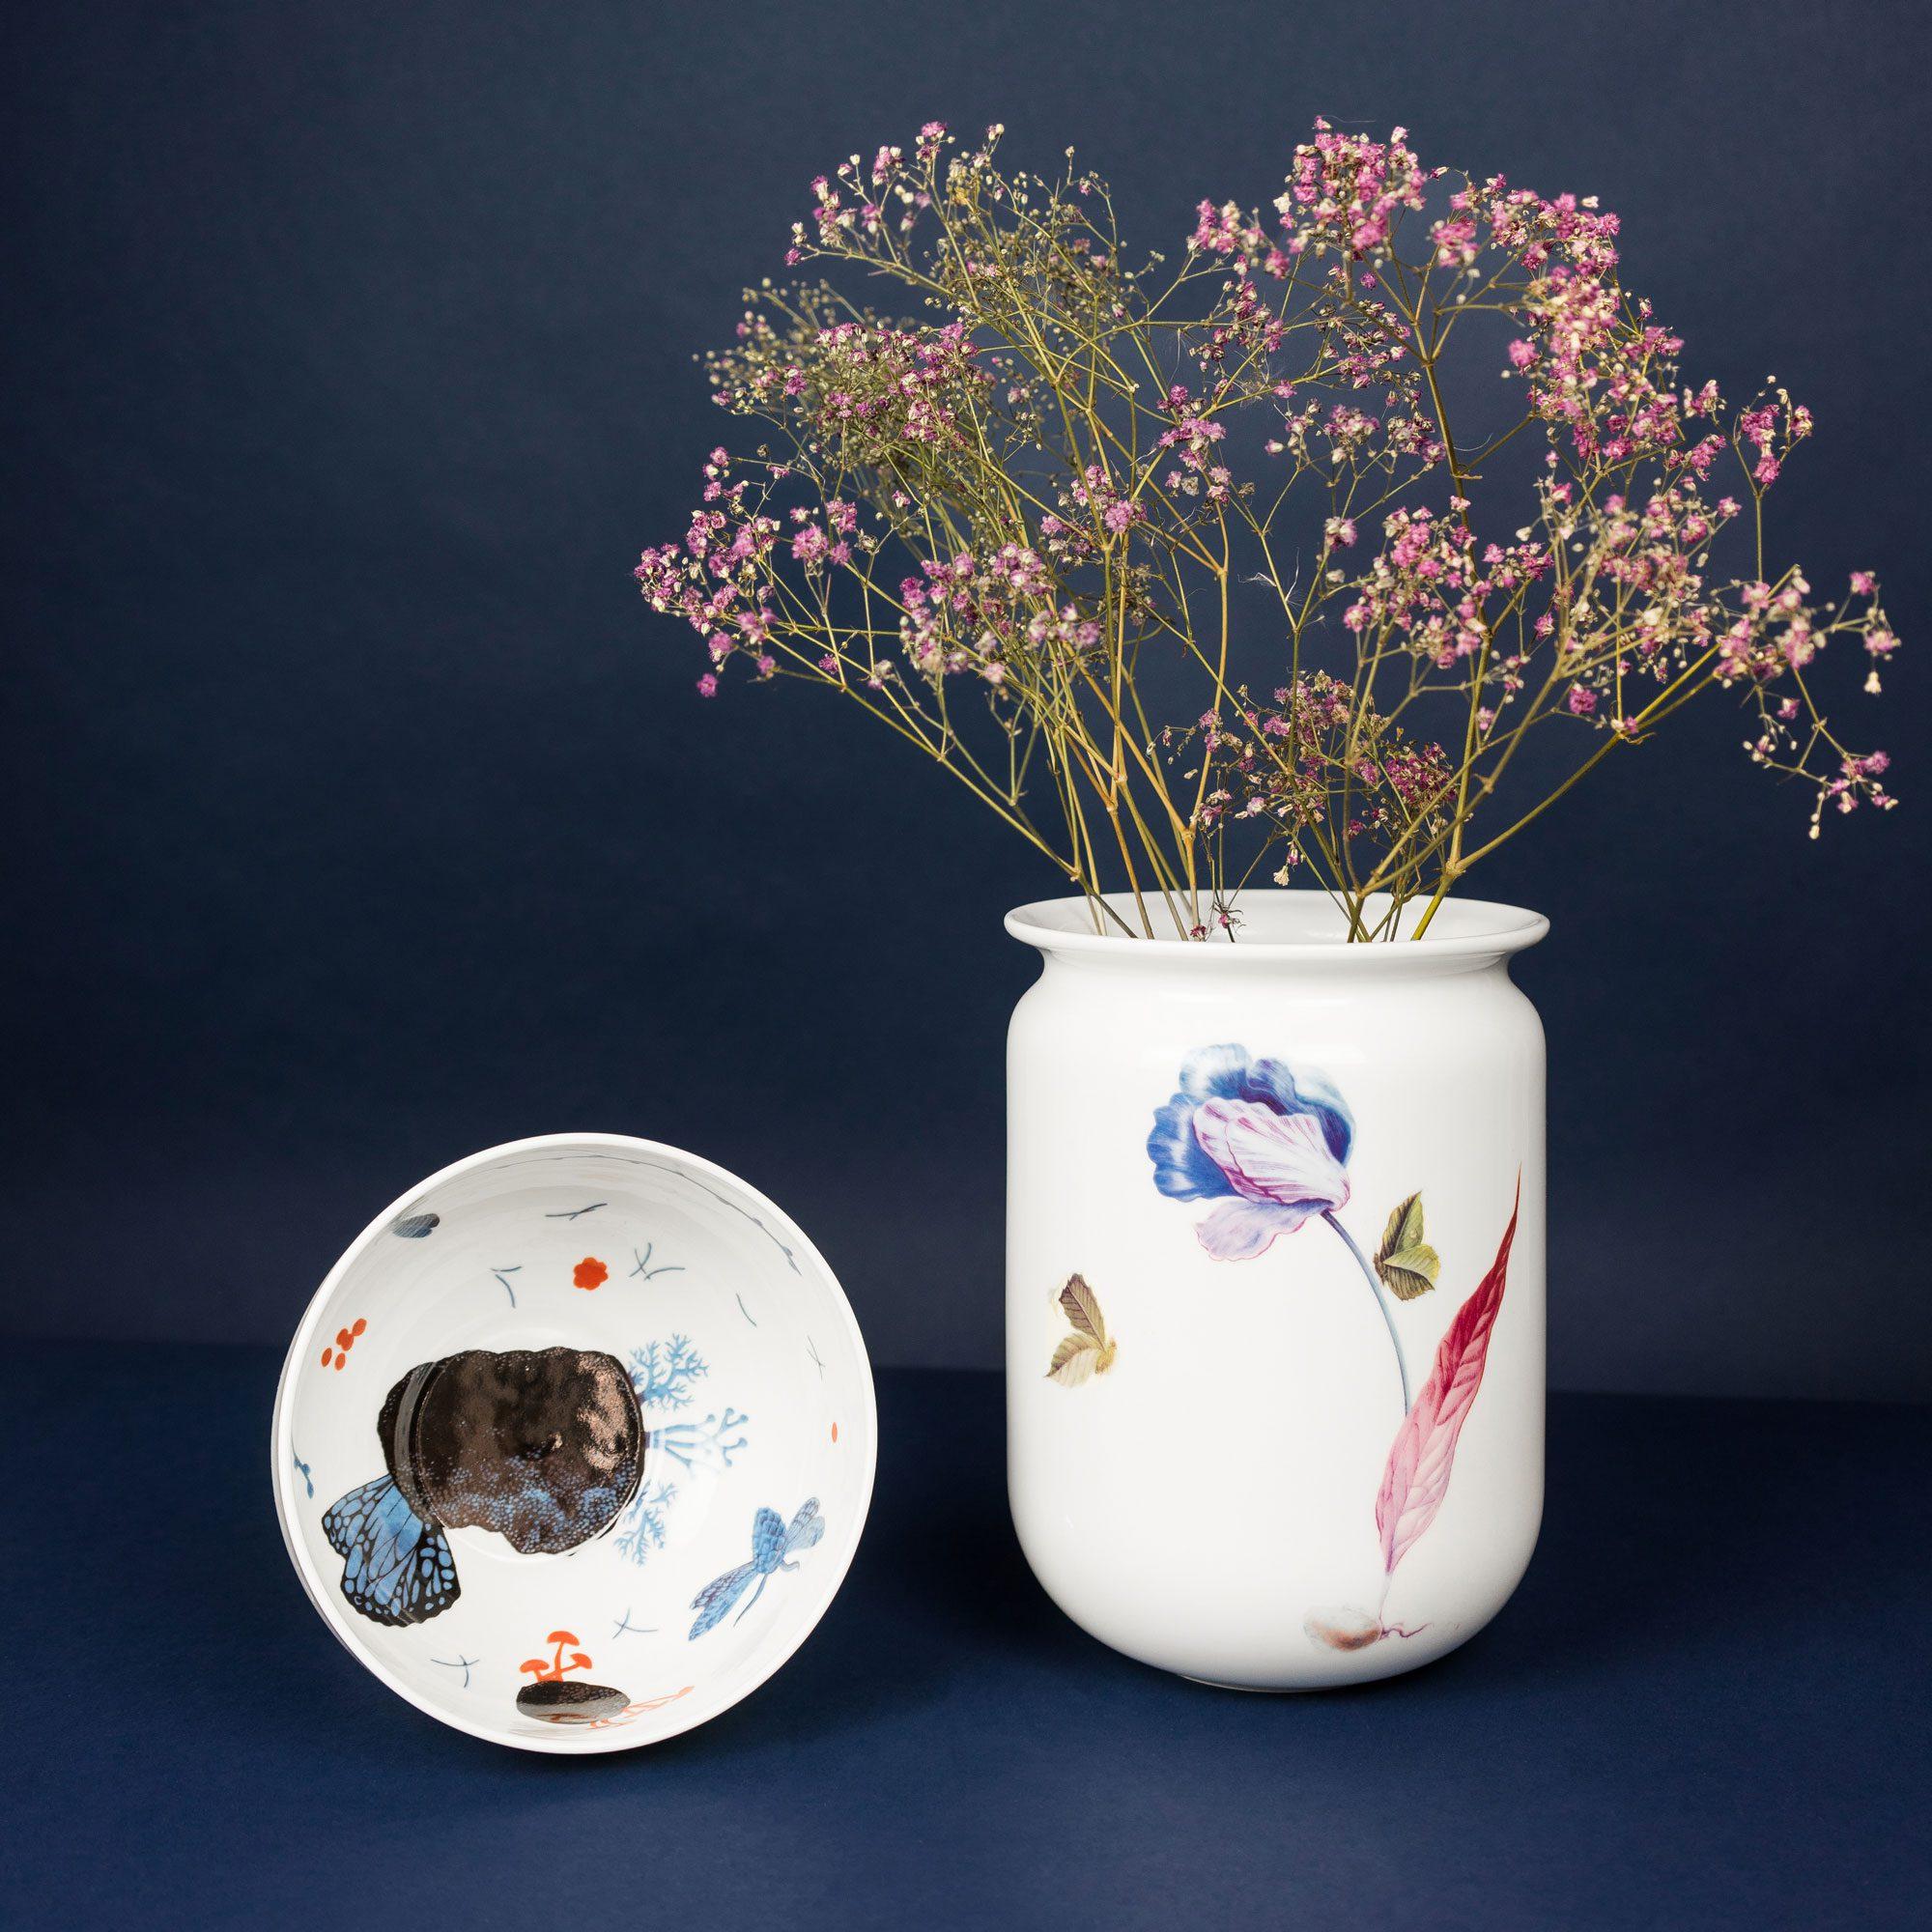 Krehky vases by Michal Bacak